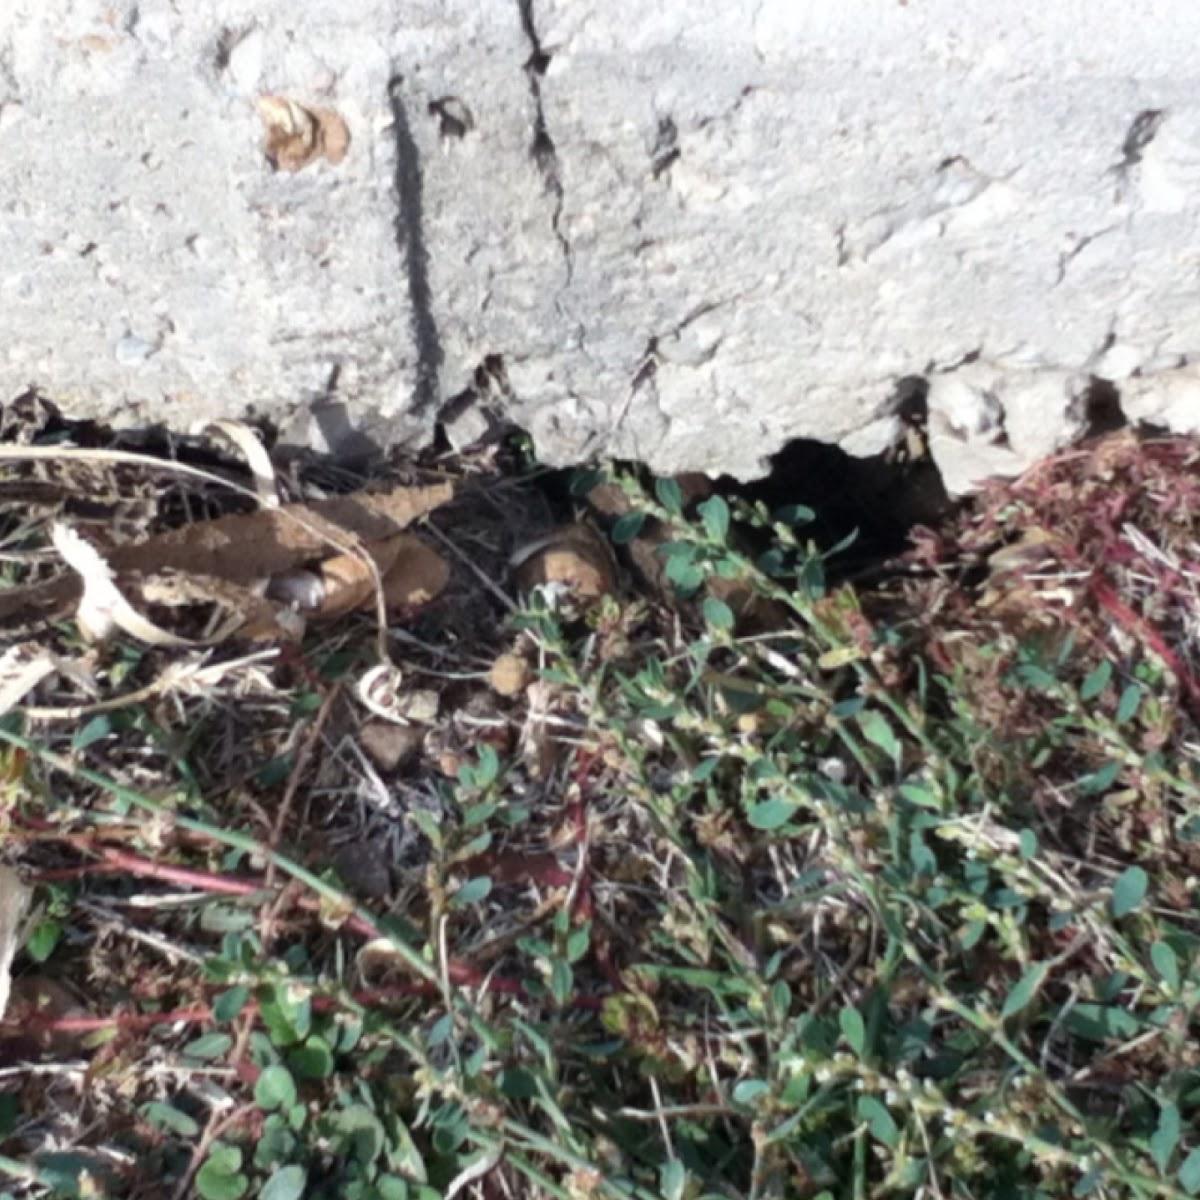 Mole or mouse hole